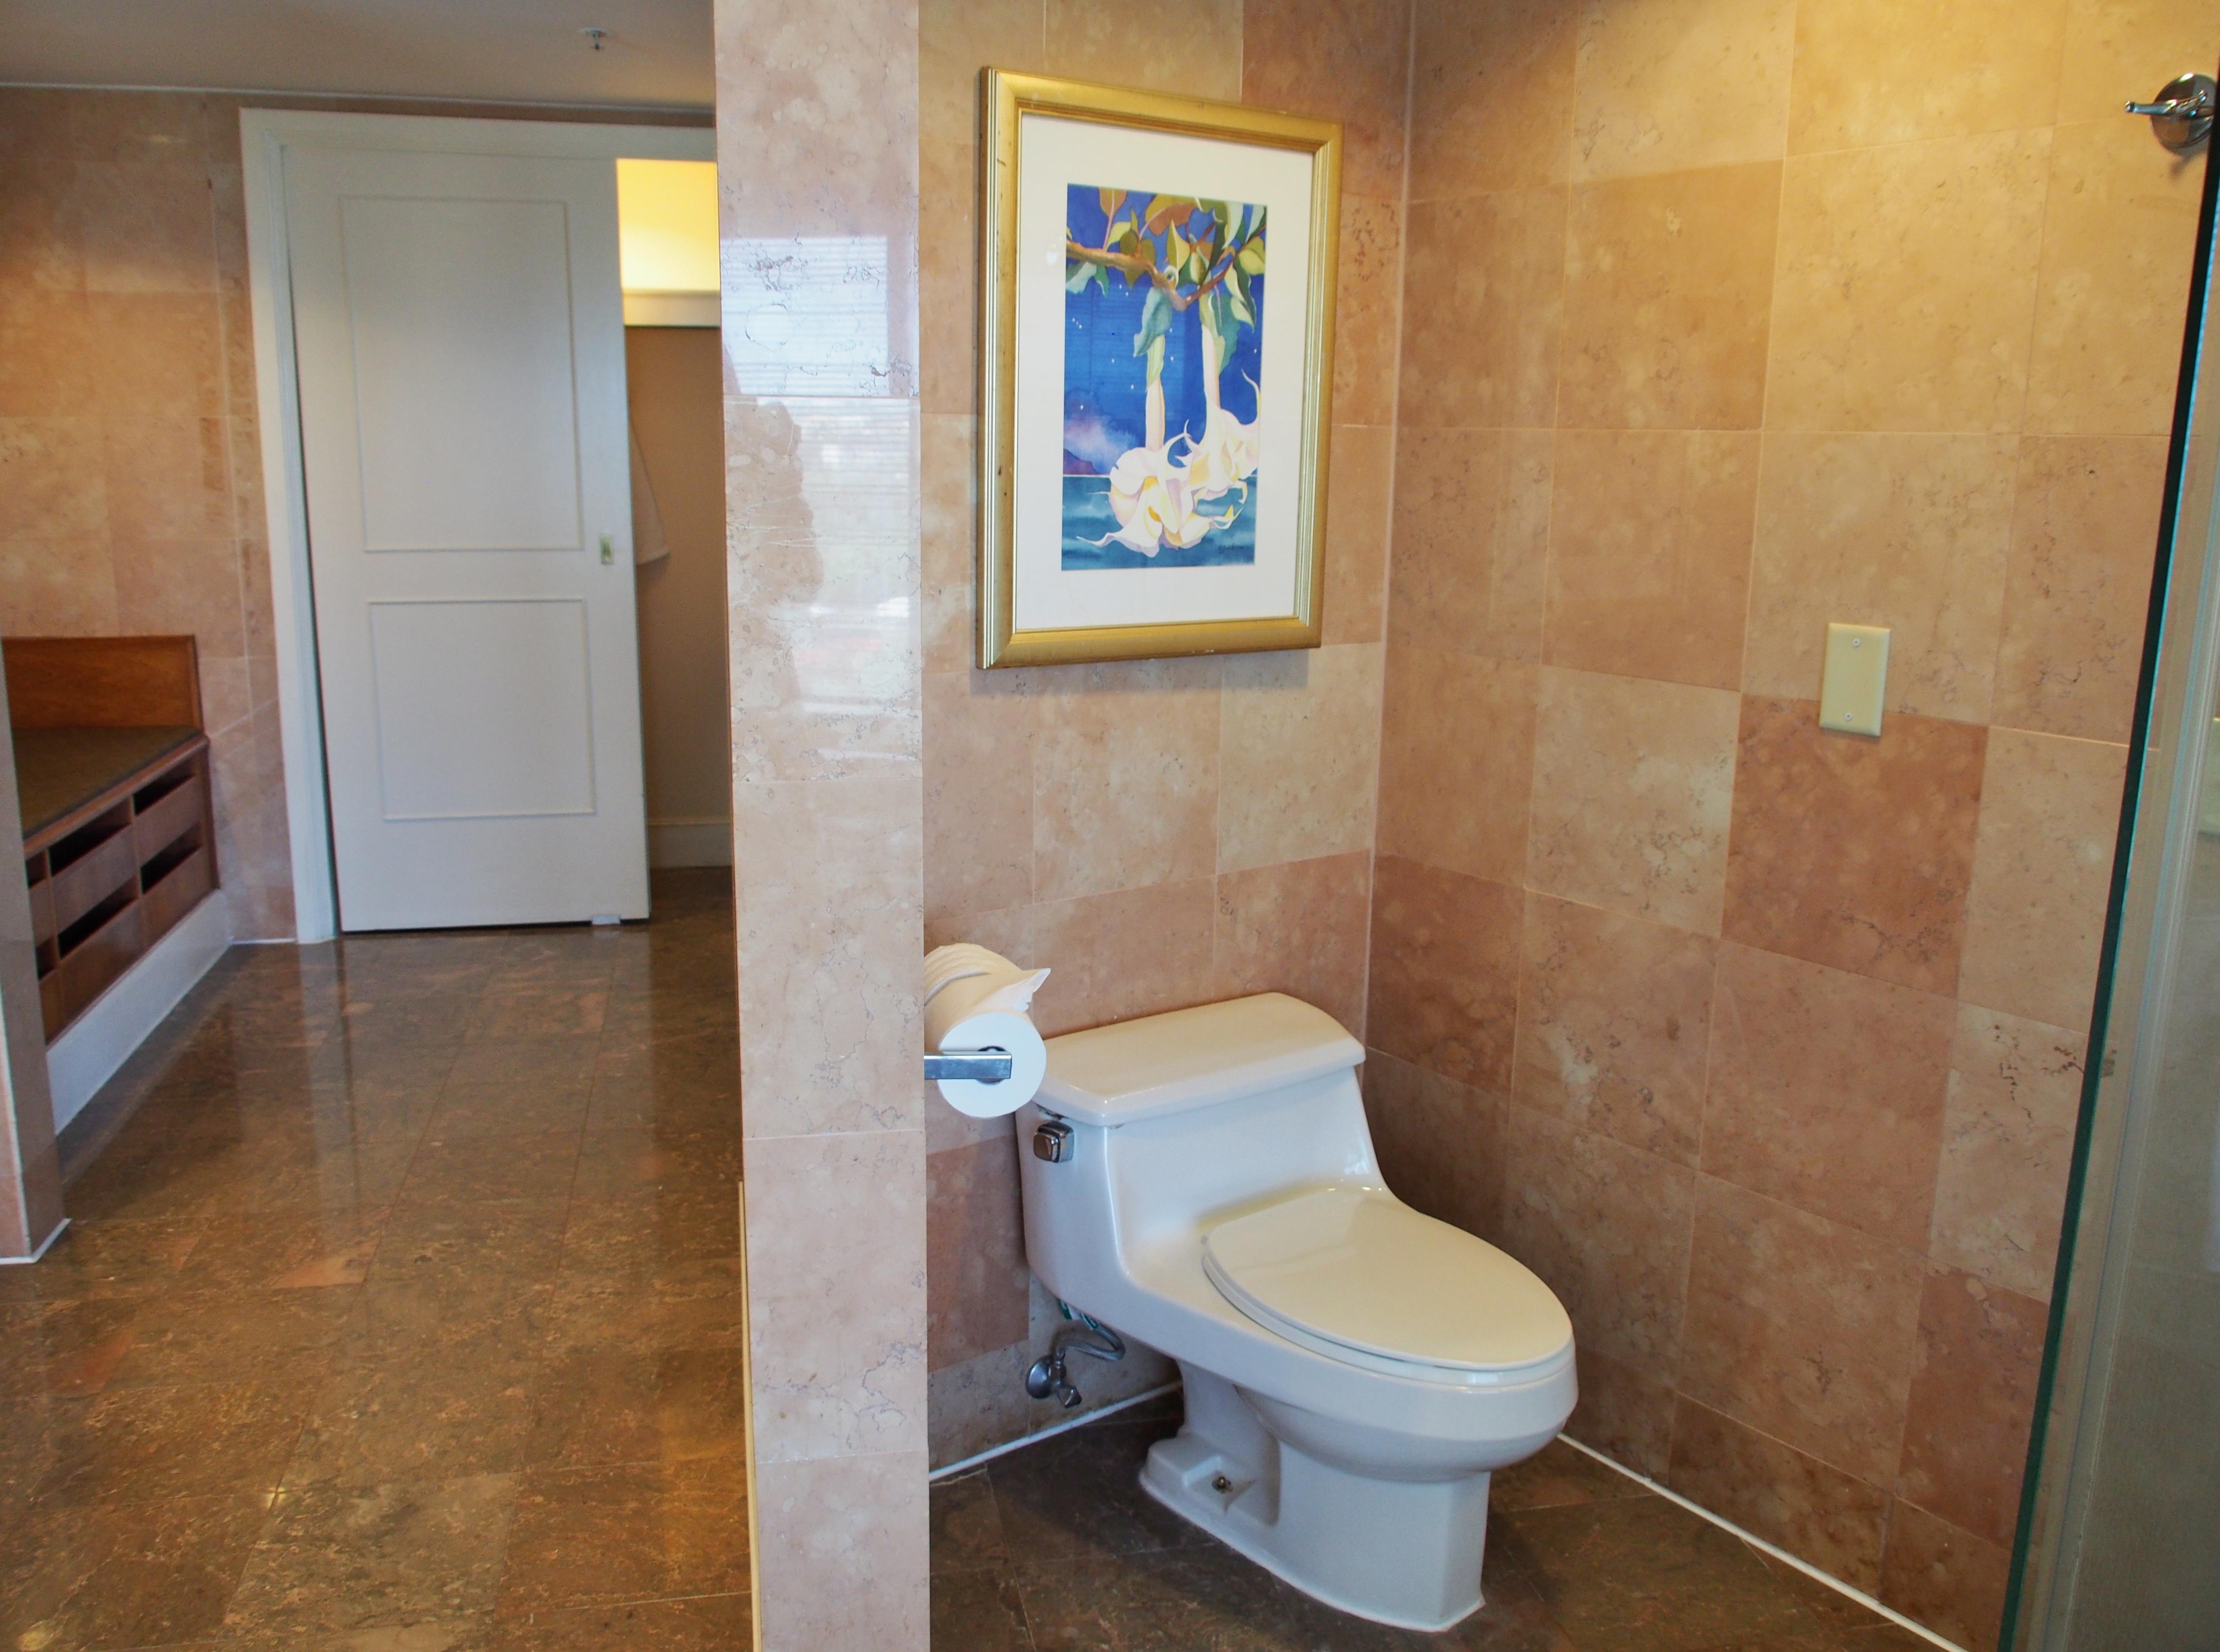 ヒルトングアムプレミアタワーのスイートルーム